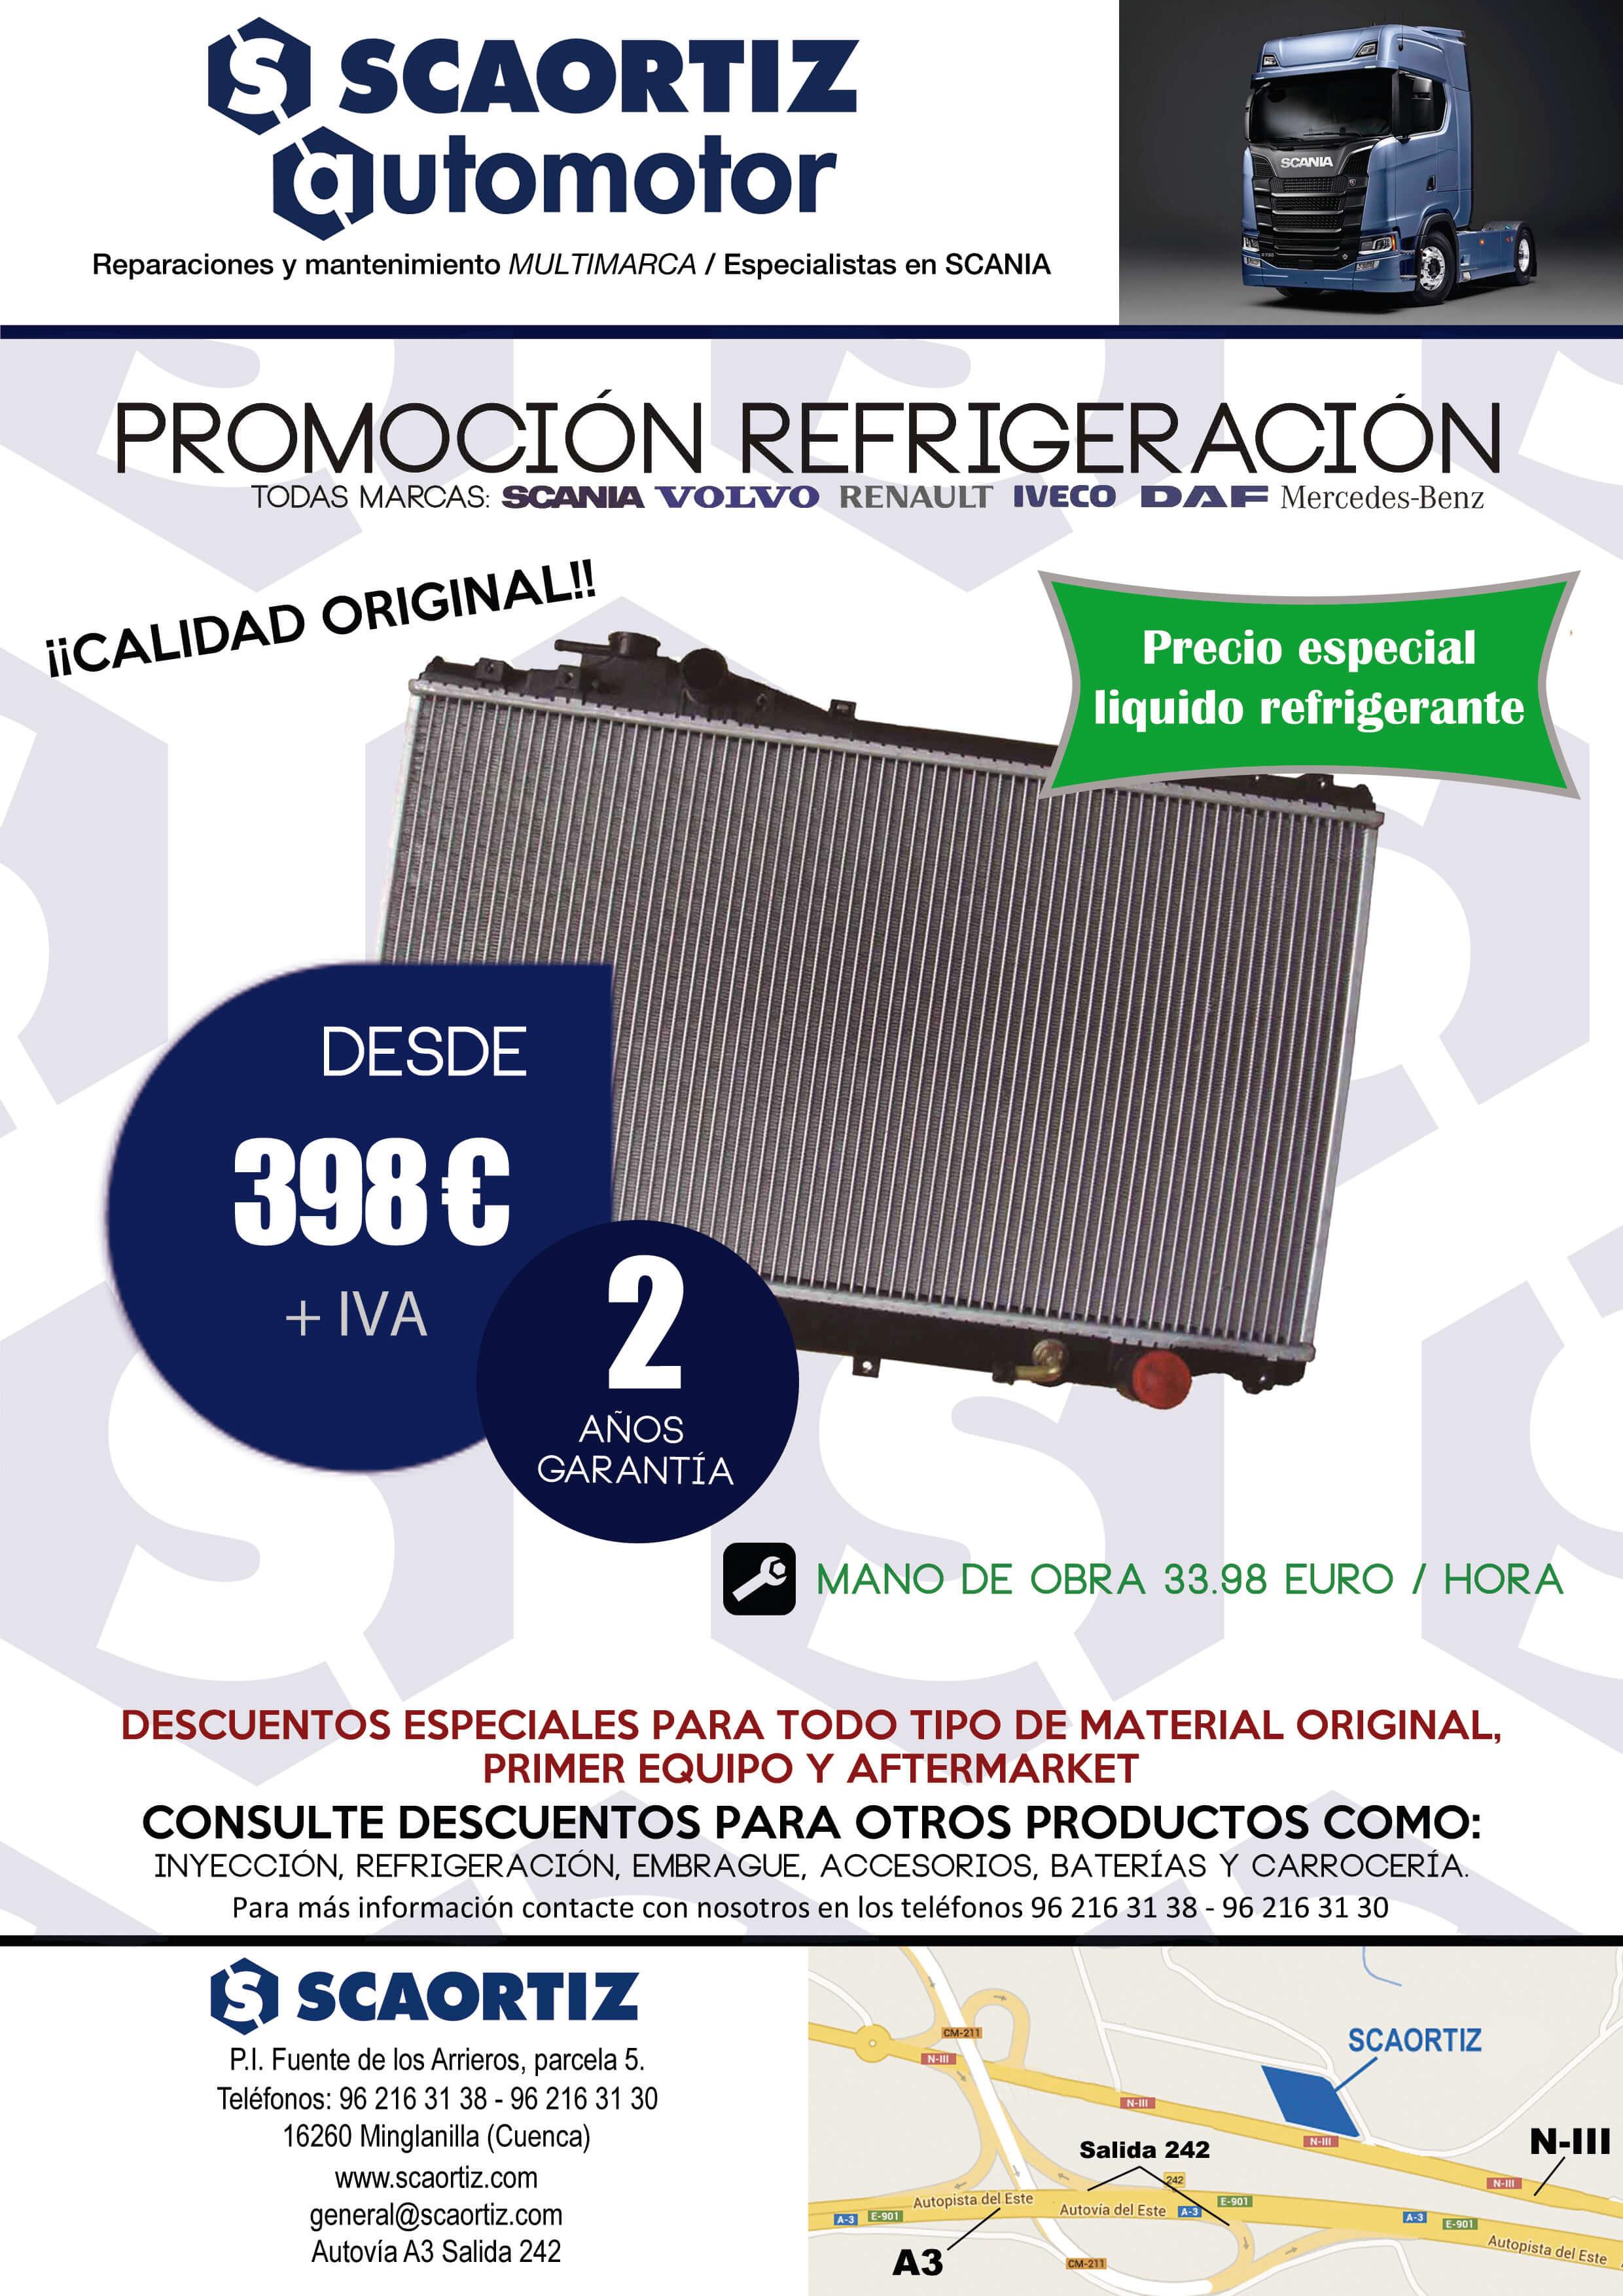 Promoción refrigeración para camiones en SCAORTIZ